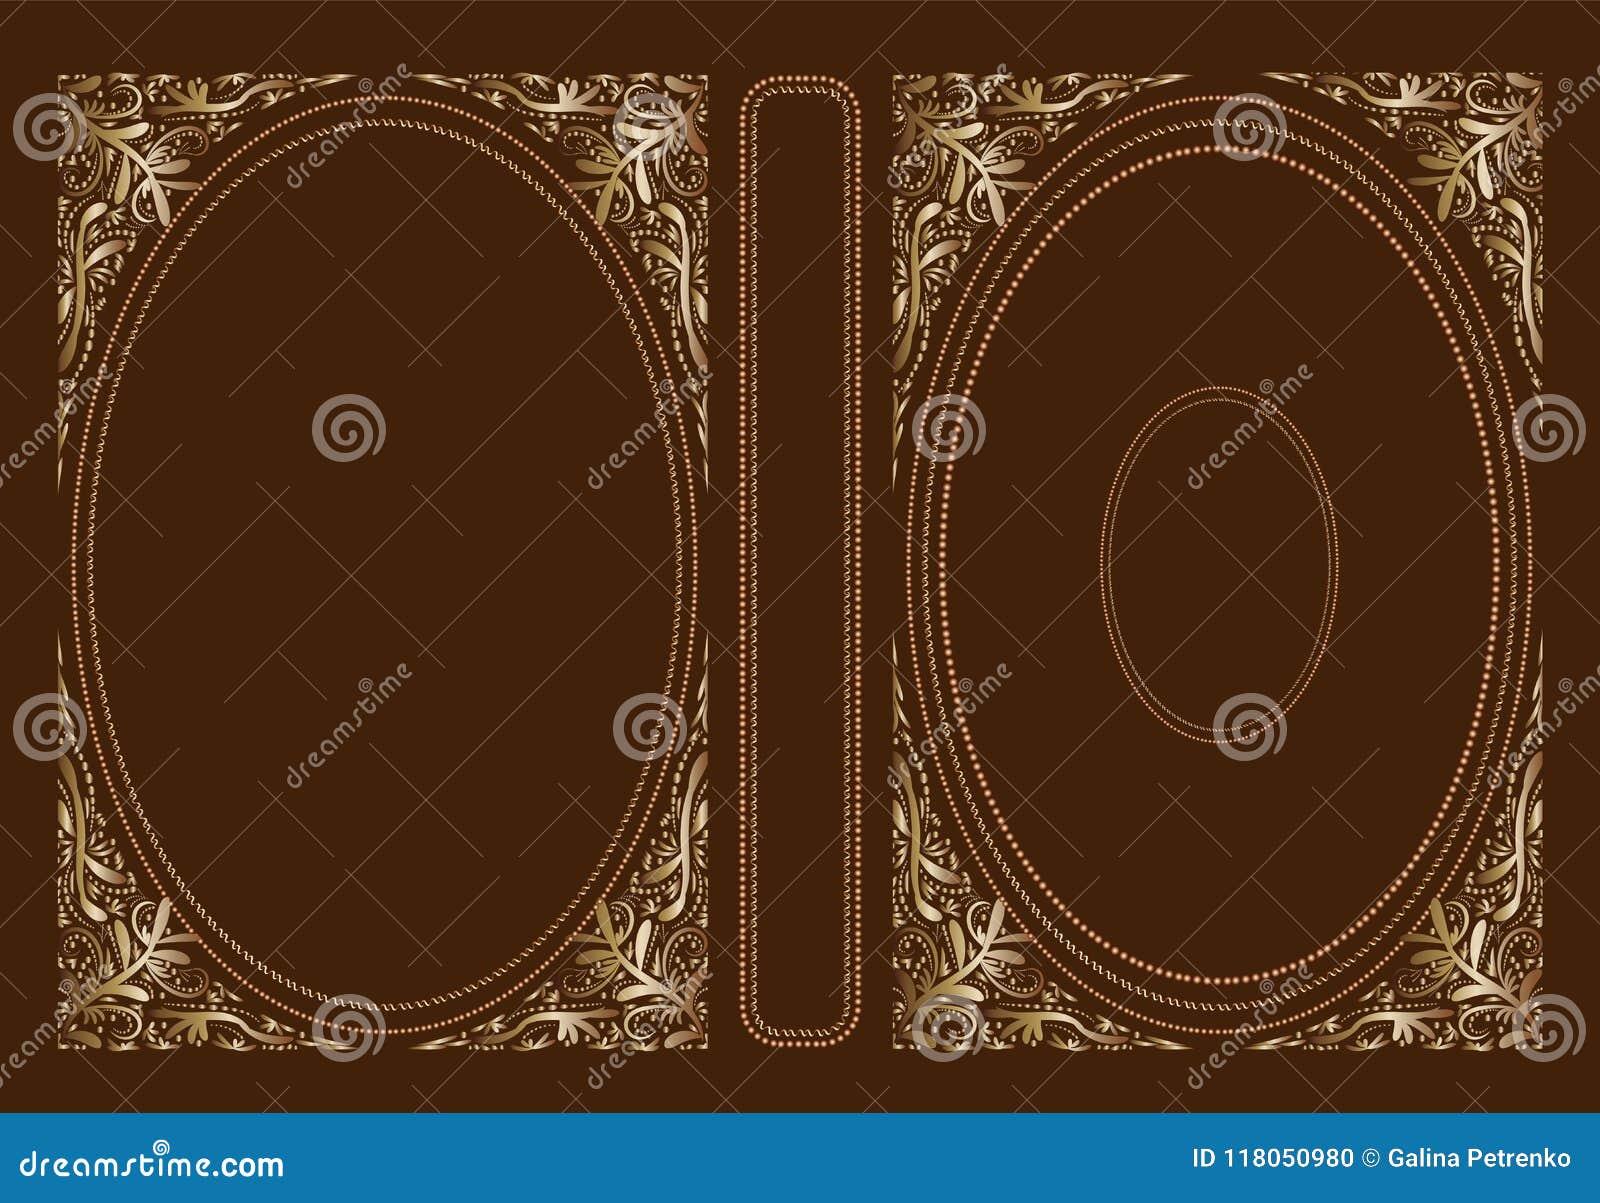 Крышка вектора классическая для книги Декоративные винтажные крышка или рамка для книг и ученических книг Оно нарисовано стандарт